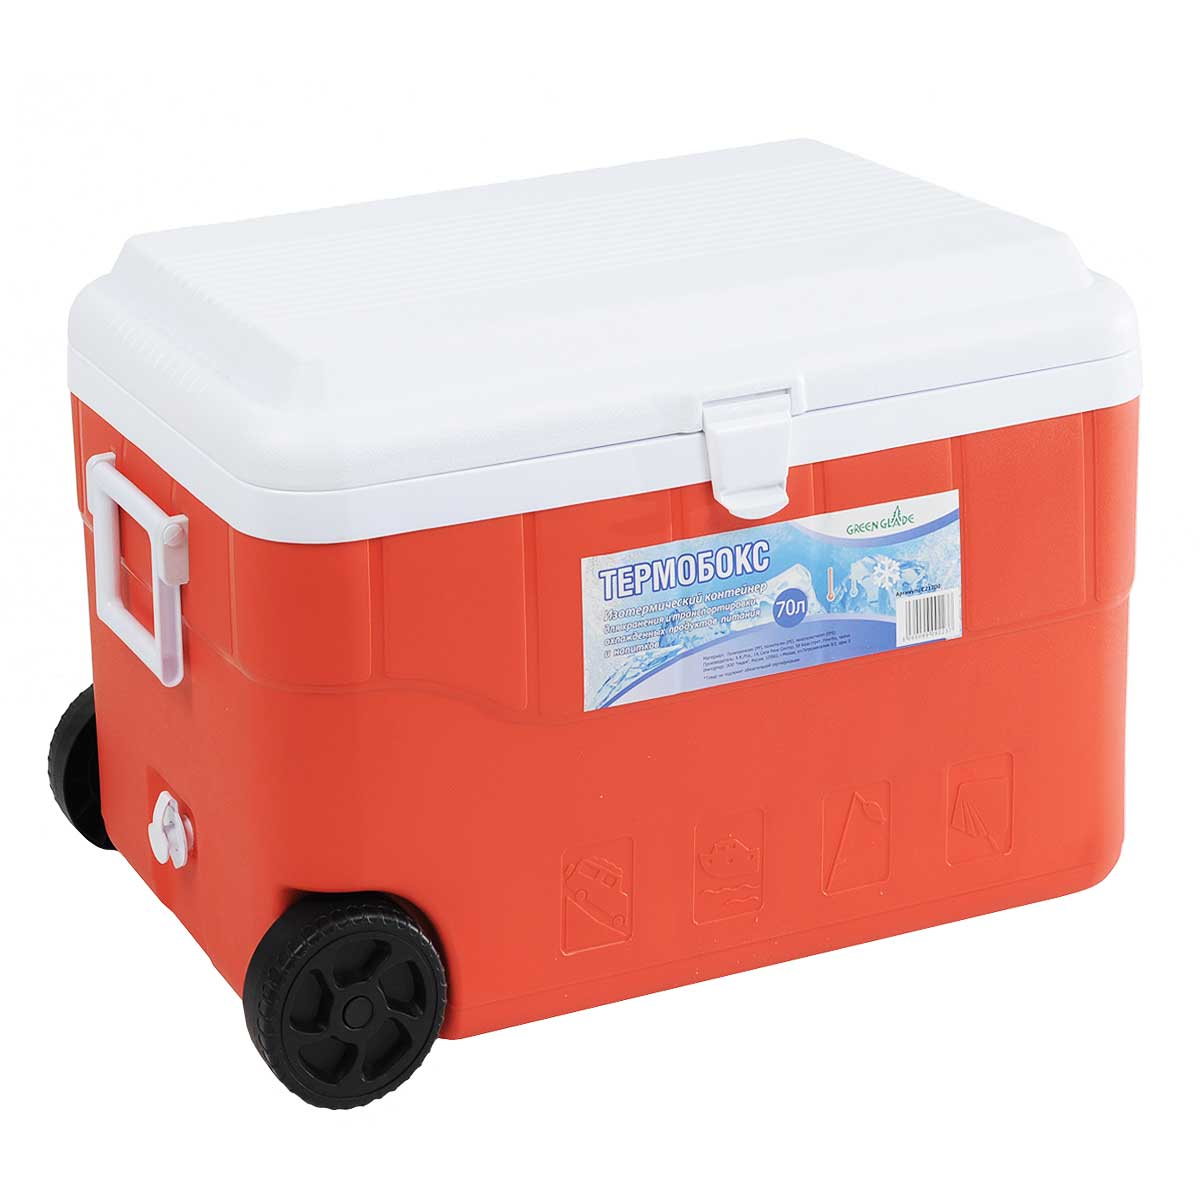 Контейнер изотермический Green Glade, на колесиках, цвет: красный, 70 лС21700Удобный и прочный изотермический контейнер Green Glade предназначен для сохранения определенной температуры продуктов во время длительных поездок. Корпус и крышка контейнера изготовлены из высококачественного пластика. Между двойными стенками находится термоизоляционный слой, который обеспечивает сохранение температуры. У контейнера одно большое вместительное отделение. Крышка закрывается плотно на замок-защелку. У контейнера имеются два колеса и большая ручка для более удобной транспортировки. Также имеются две боковые ручки для переноски.В нижней части контейнера имеется заглушка, которая поможет слить воду при постепенном размораживании продуктов. При использовании аккумулятора холода контейнер обеспечивает сохранение продуктов холодными 12-14 часов. Контейнер такого размера идеально подойдет для пикника или для поездки на дачу, или просто для длительной поездки.Контейнеры Green Glade можно использовать не только для сохранения холодных продуктов, но и для транспортировки горячих блюд. В этом случае аккумуляторы нагреваются в горячей воде (температура около 80°С) и превращаются в аккумуляторы тепла. Подготовленные блюда перед транспортировкой подогреваются и укладываются в контейнер. Объем контейнера: 70 л.Размер контейнера: 67 см х 46,5 см х43 см.